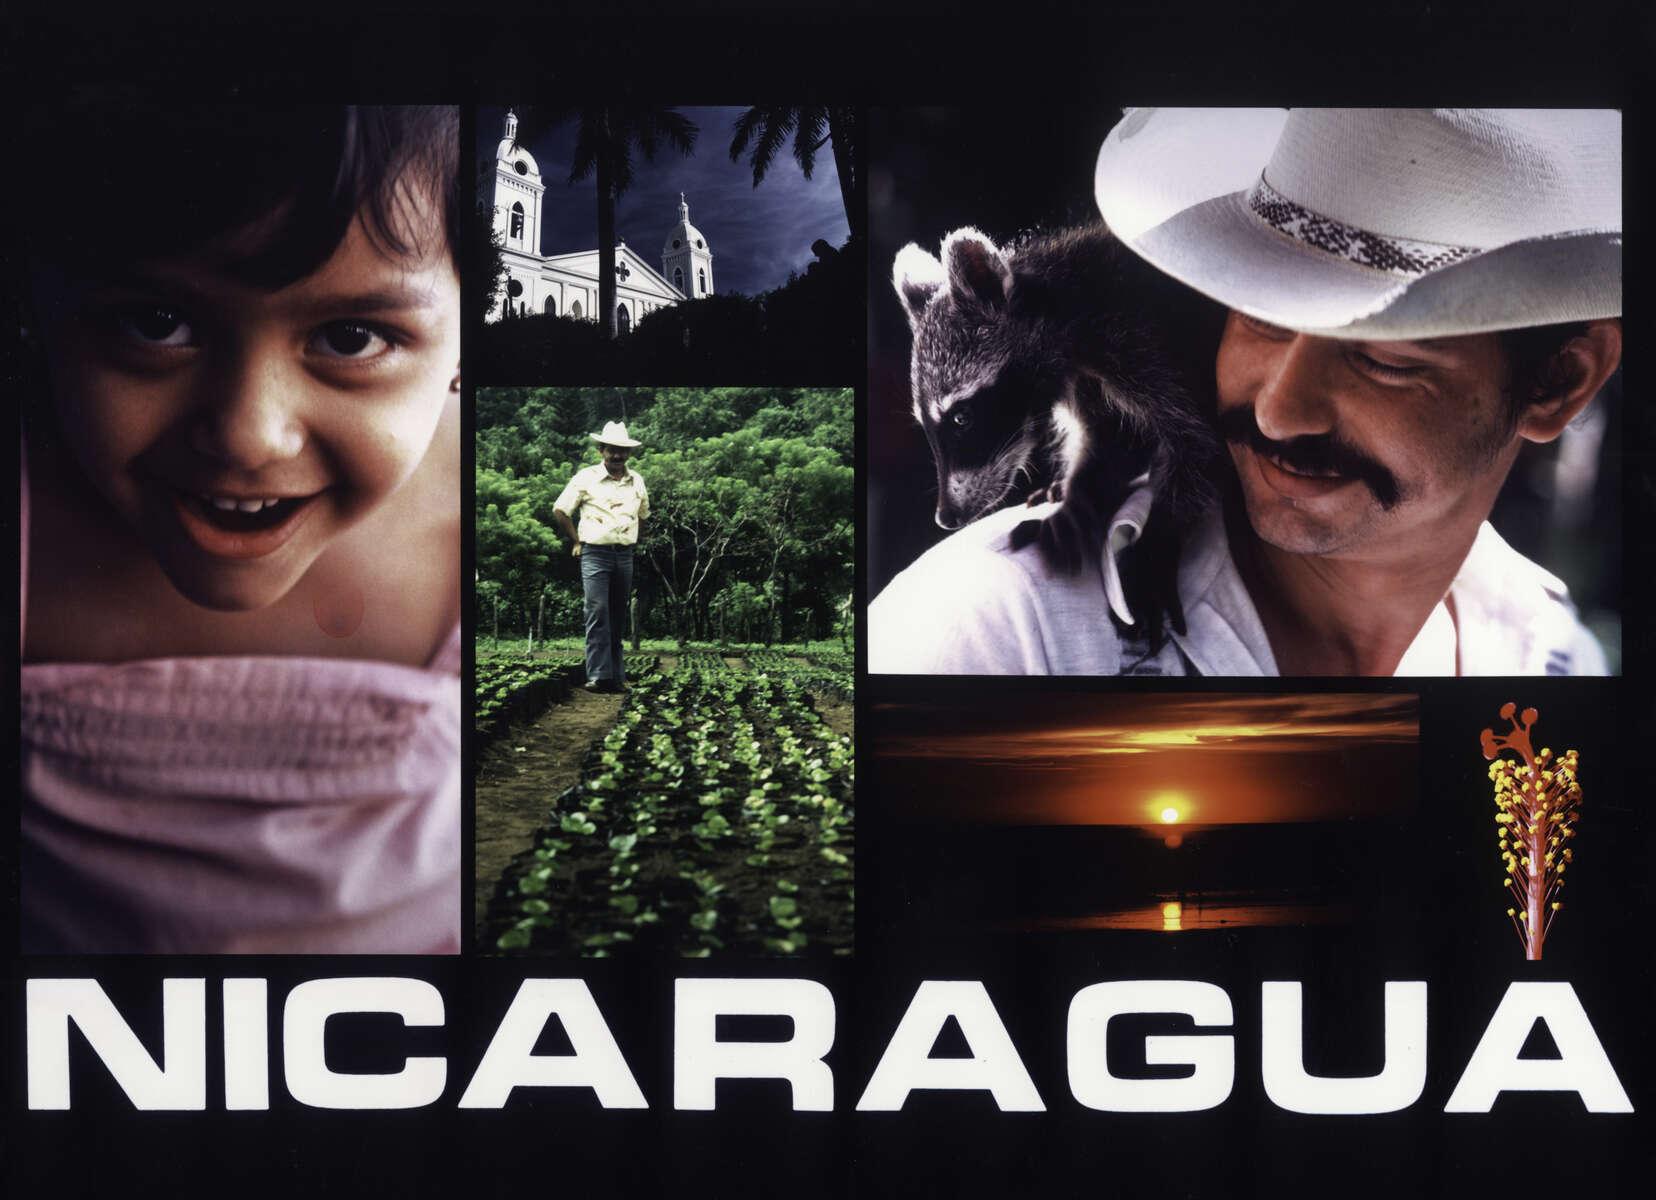 NICARAGUA-POSTER